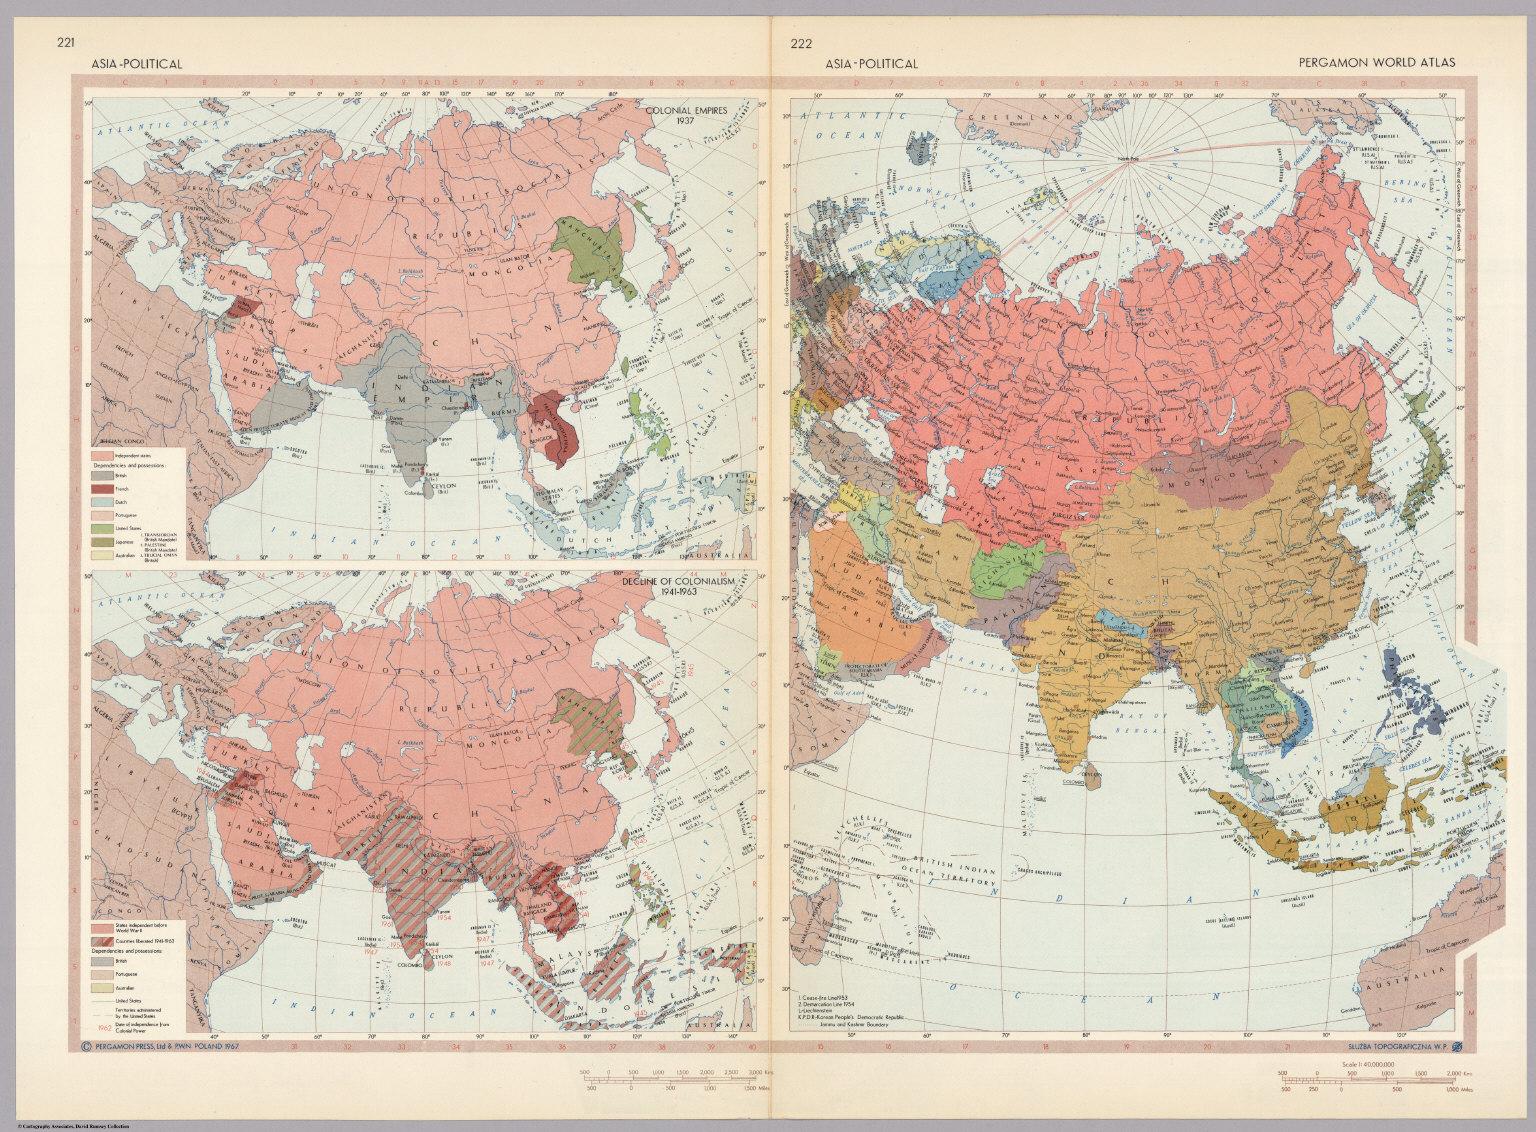 Asia political pergamon world atlas david rumsey historical asia political pergamon world atlas gumiabroncs Images